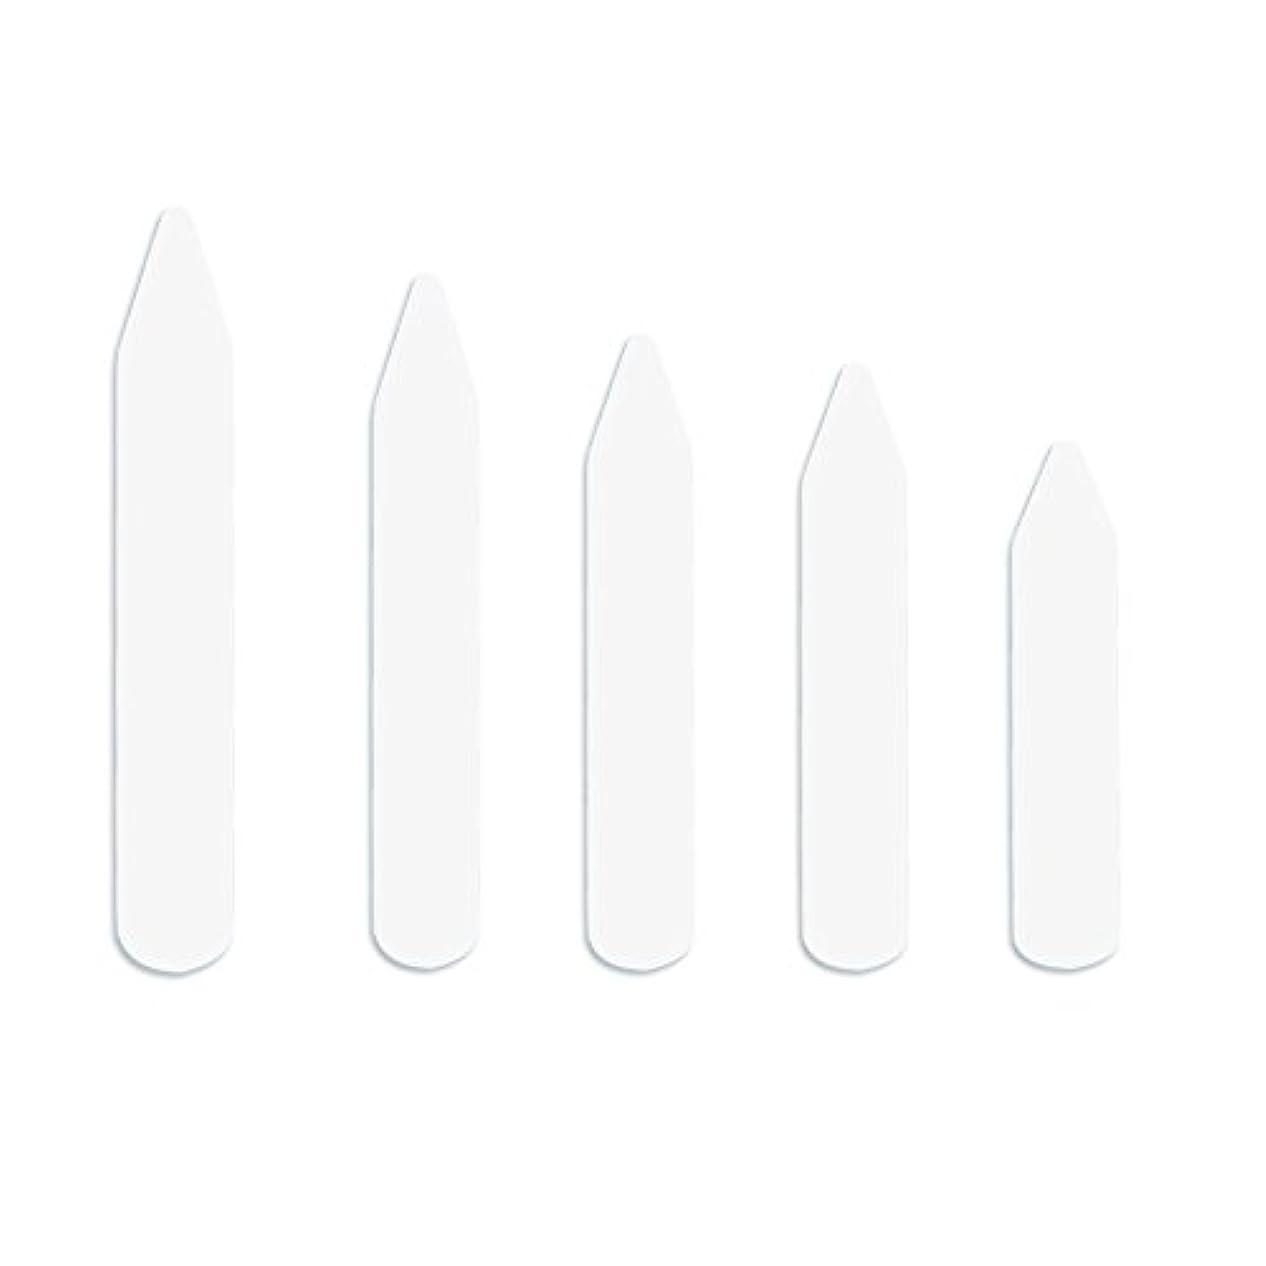 決済ピーク貝殻MediaLJia ACCESSORY メンズ US サイズ: 5 Sizes(2